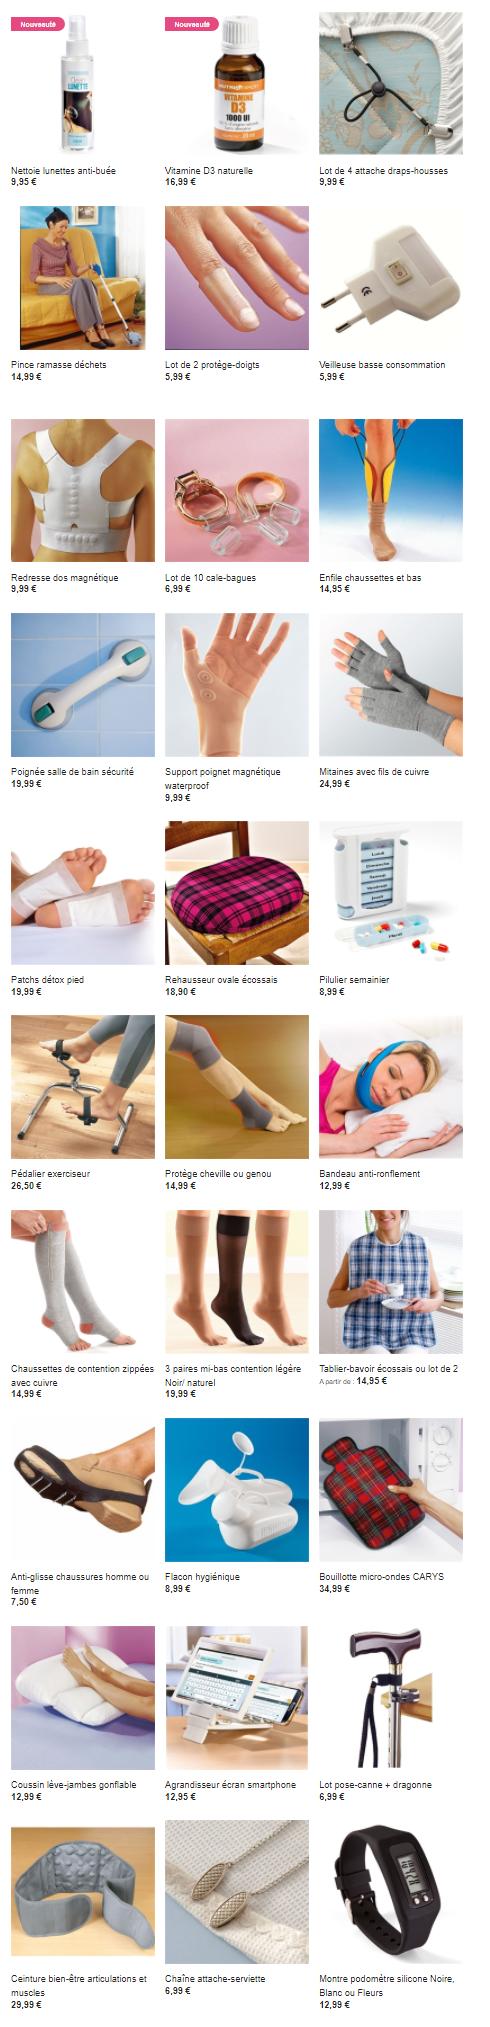 Cliquez ici pour acheter des objets pratiques et astucieux qui vous aideront dans votre confort